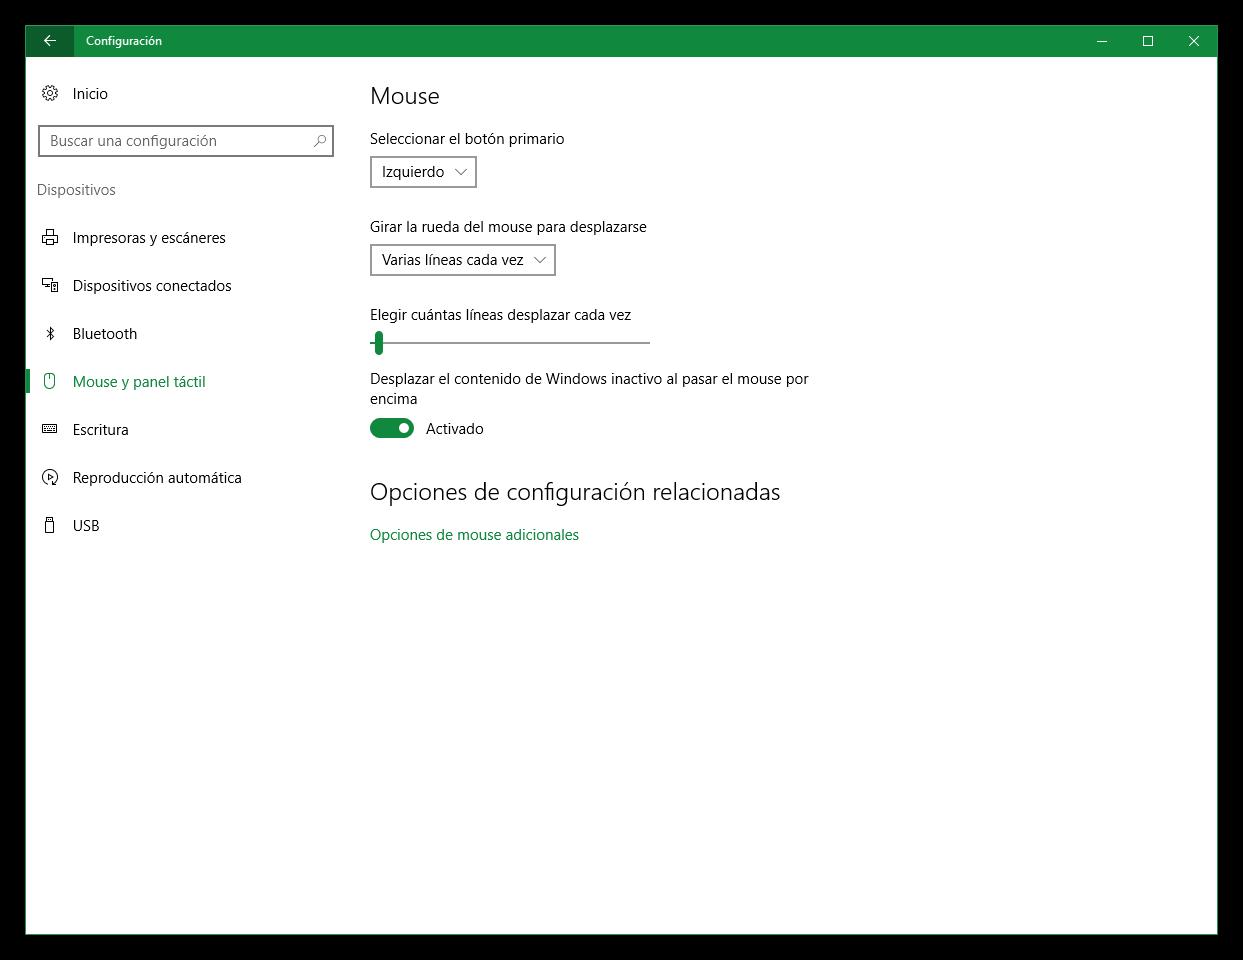 Cómo evitar que tocar el ratón saque al ordenador del modo suspensión